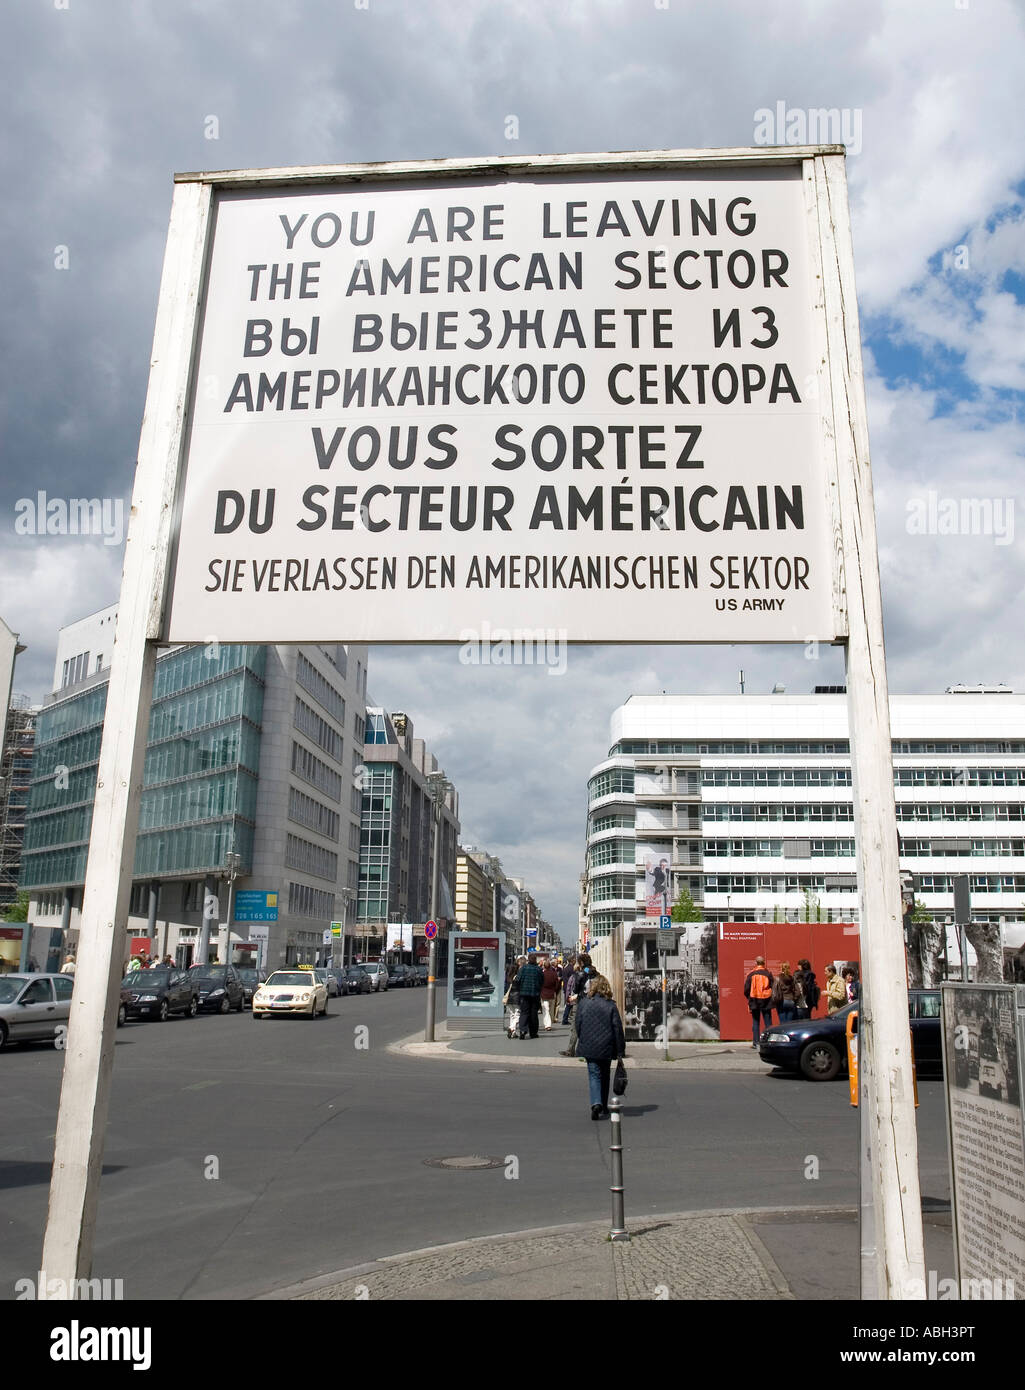 Cartel - estás dejando el sector americano - en el famoso antiguo Checkpoint Charlie Berlin Alemania Imagen De Stock